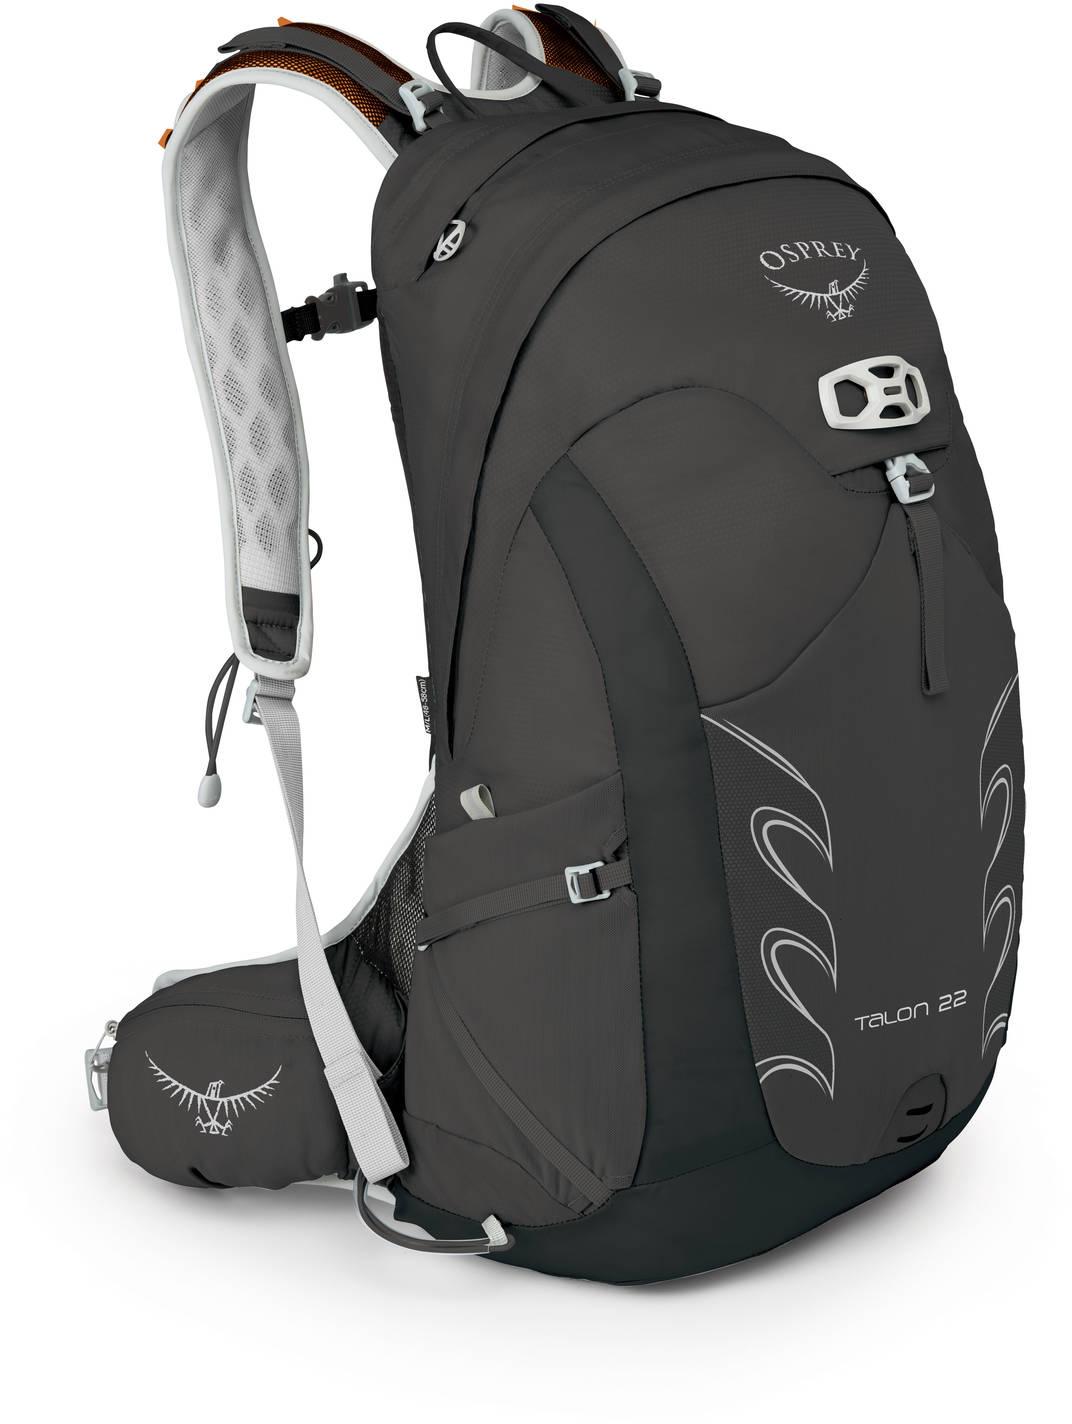 Туристические рюкзаки Рюкзак туристический Osprey Talon 22 Talon_22_S17_Side_Black_web.jpg